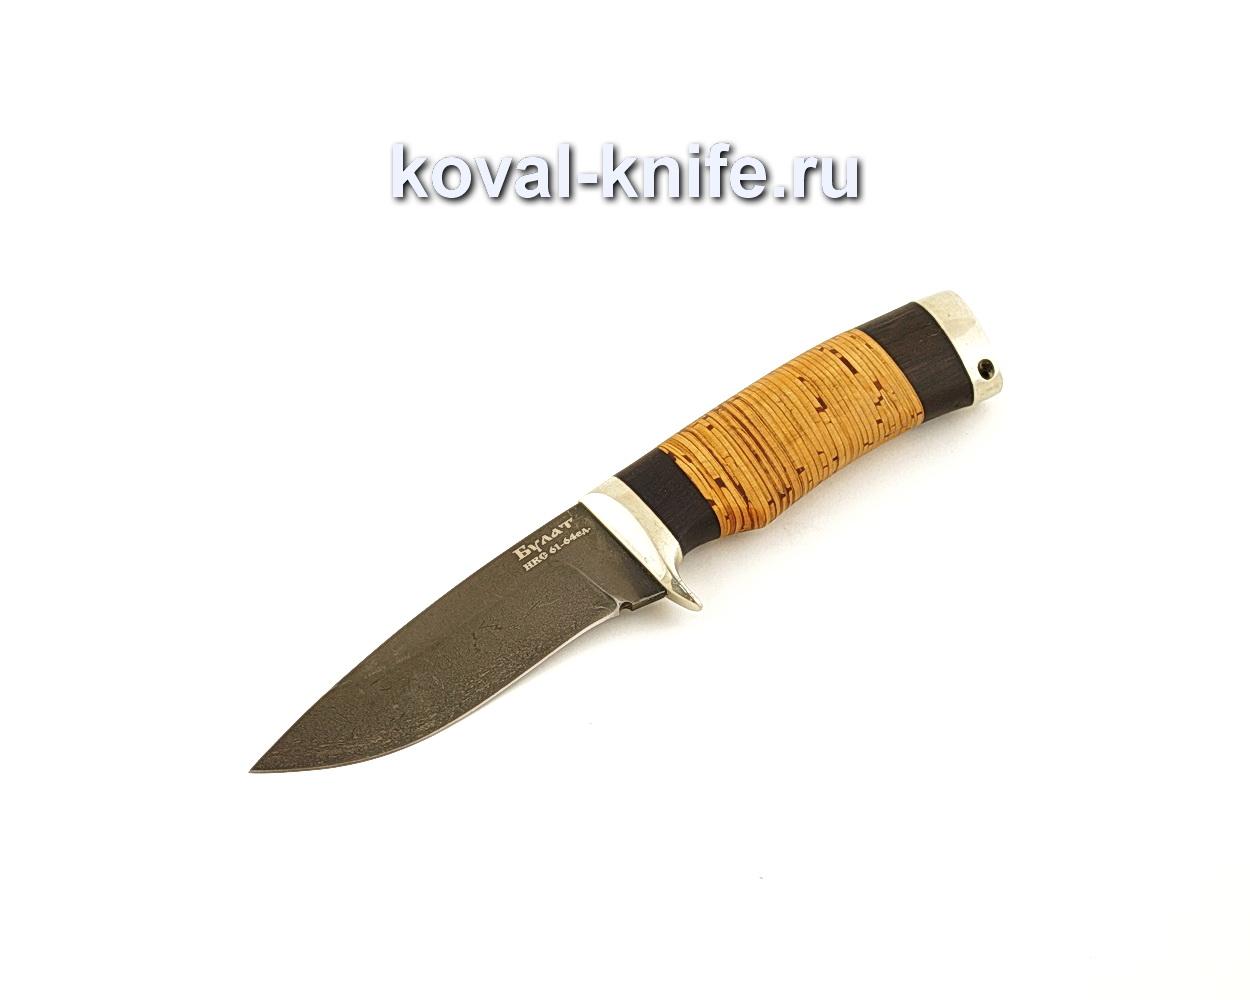 Нож Сапсан из булатной стали с рукоятью из бересты  A648